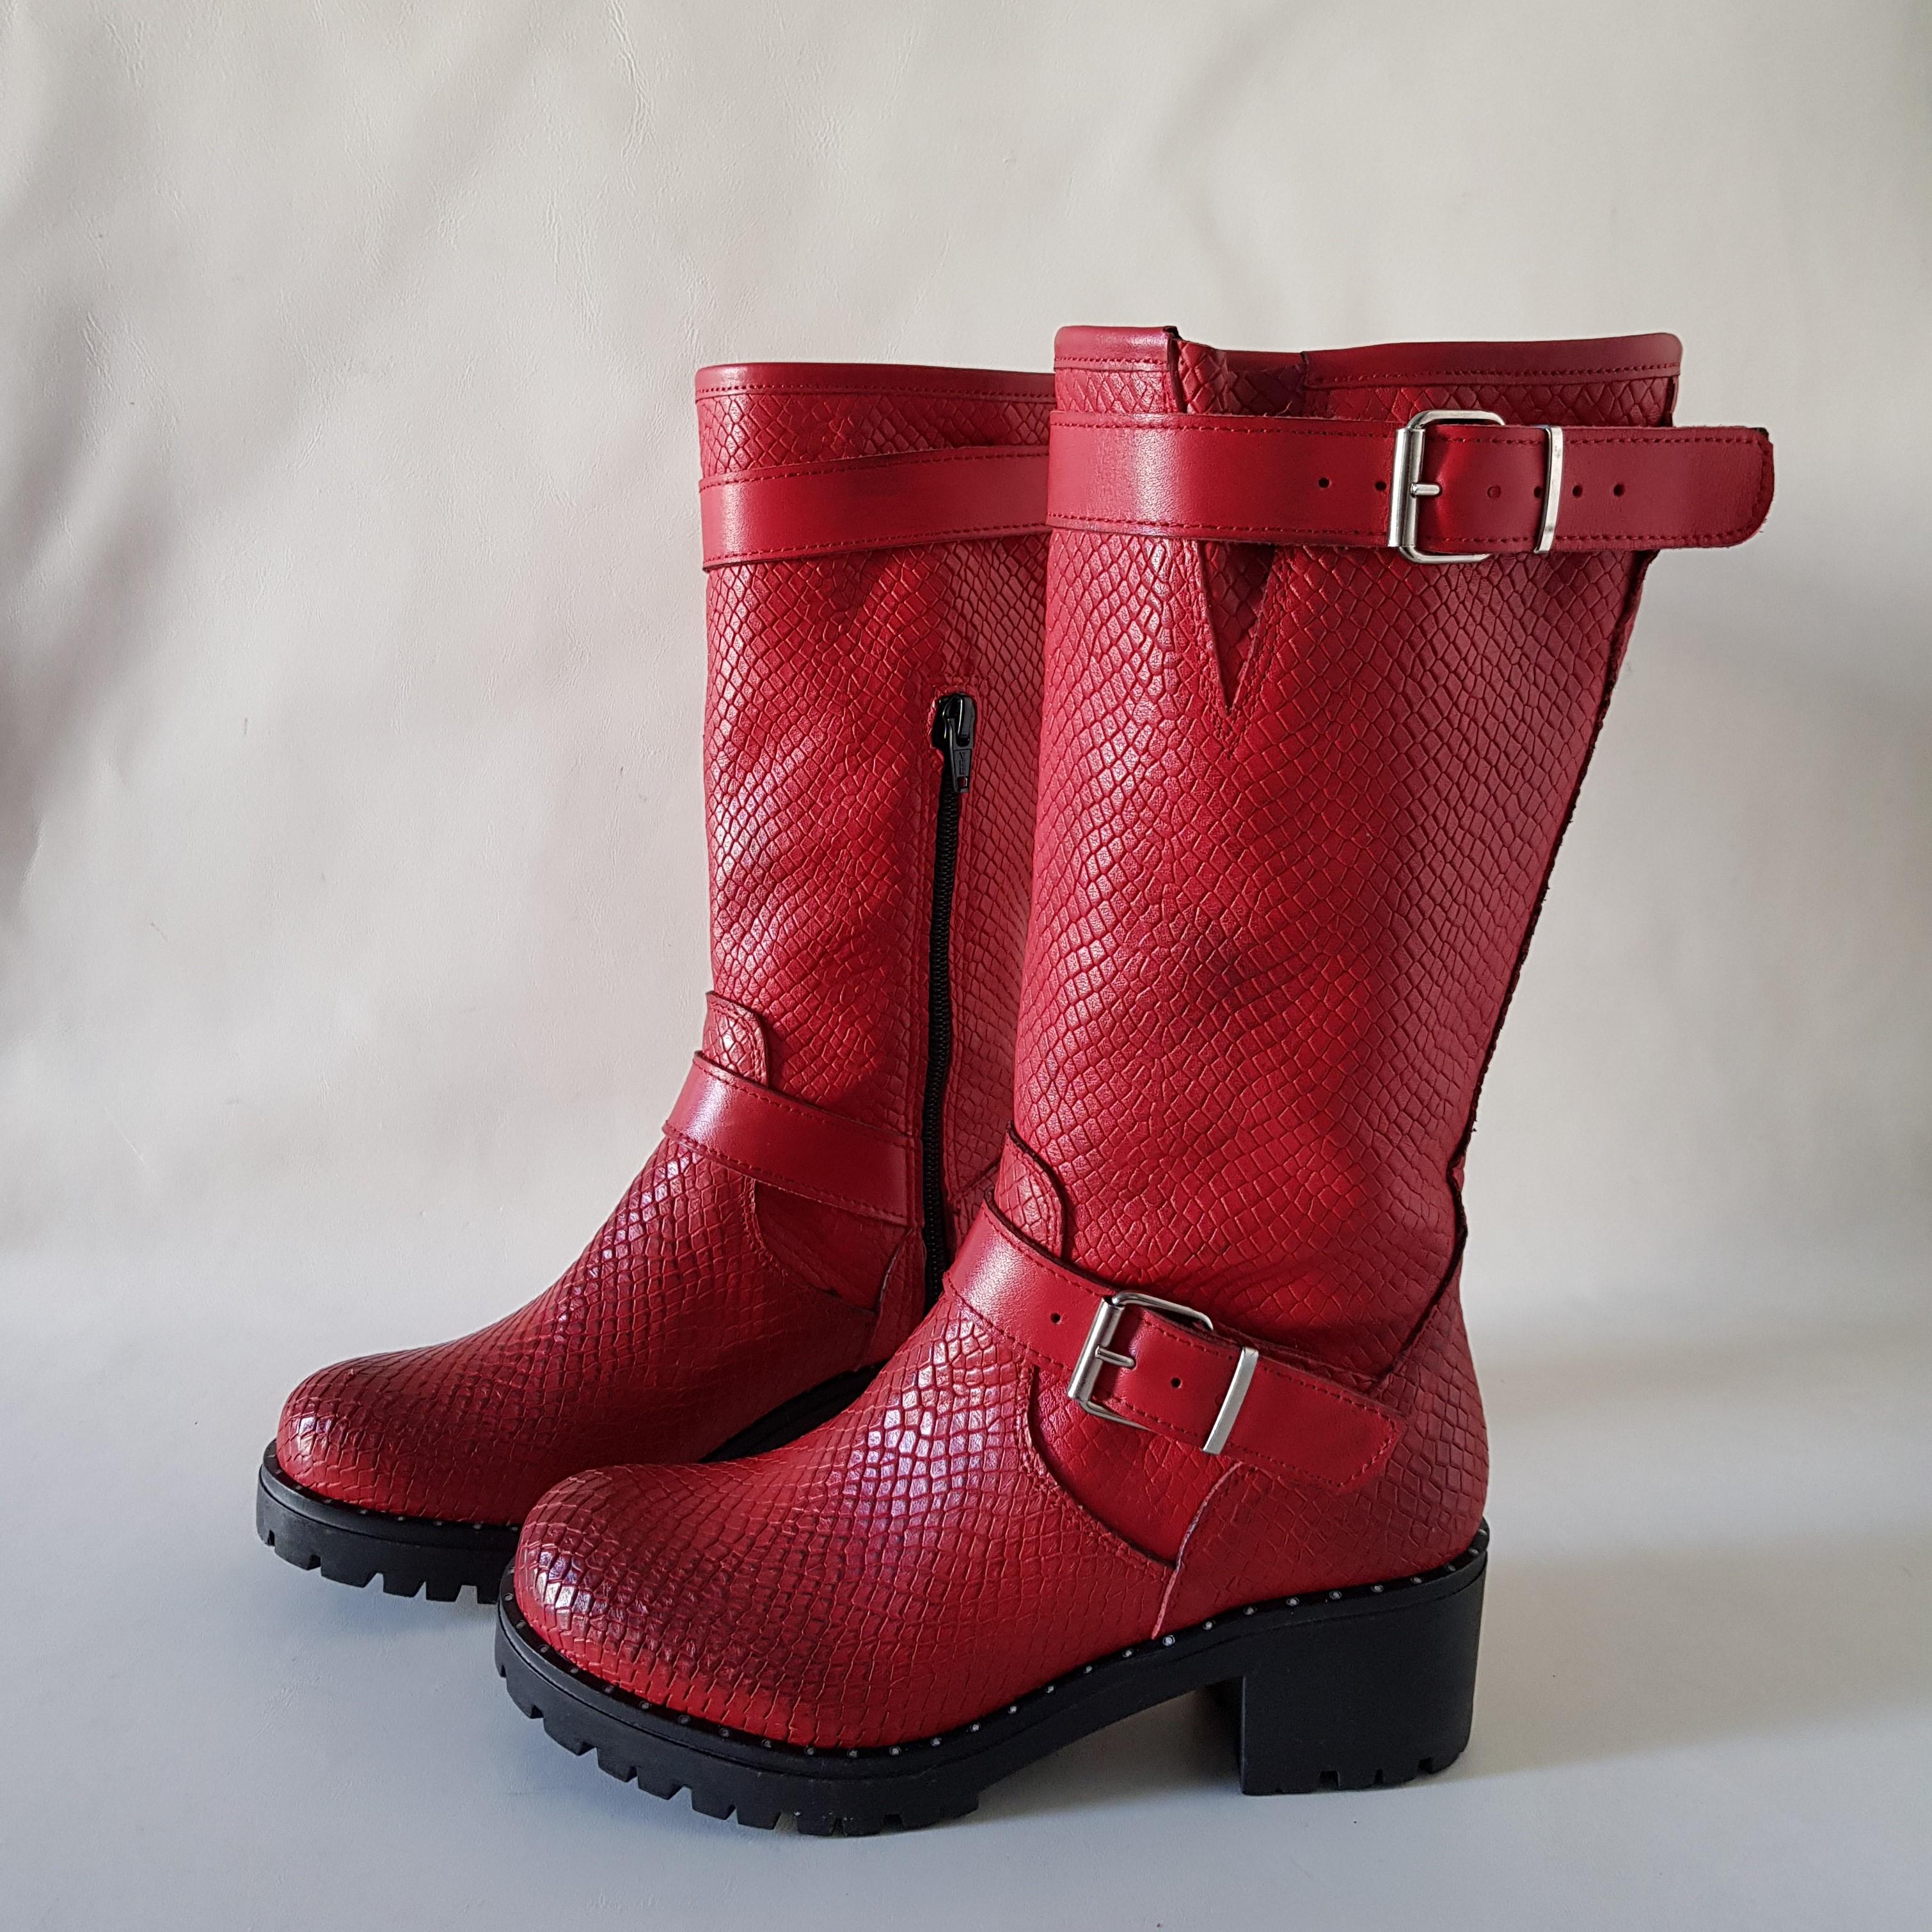 Stivale pitone rosso sonya - Lia diva scarpe ...